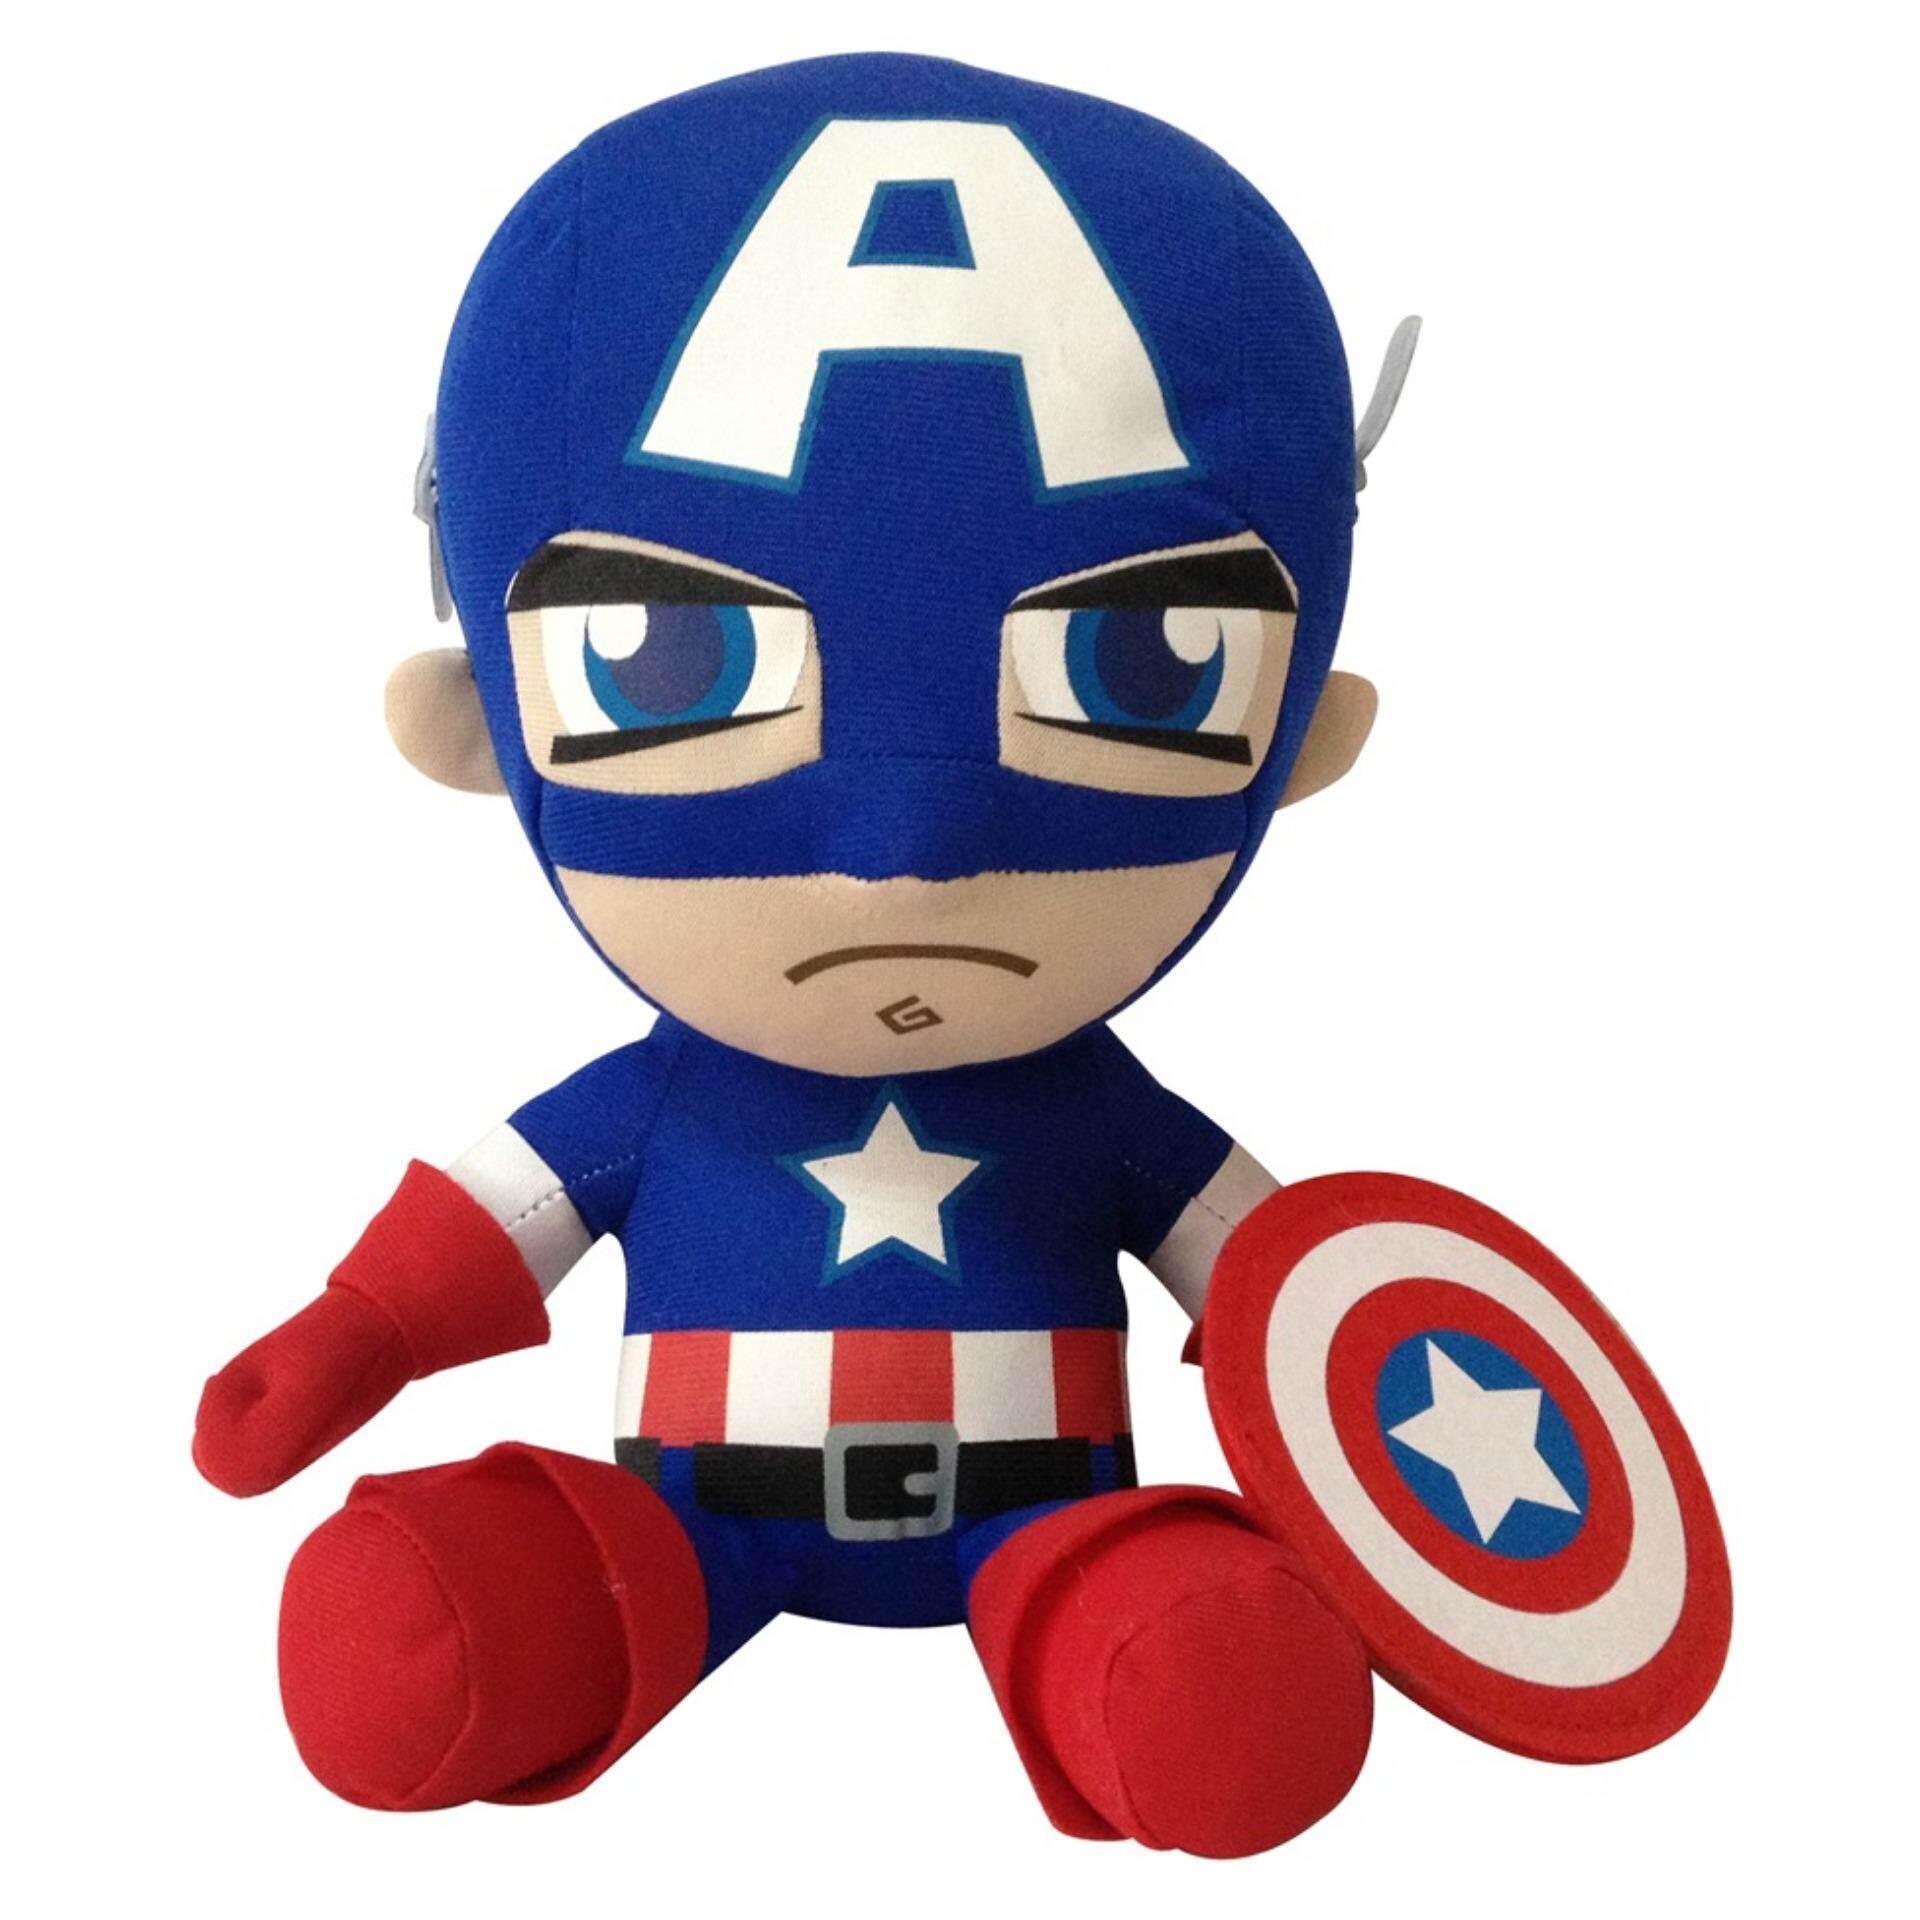 Marvel Avengers Standard Plush Toys 10 Inches - Captain America